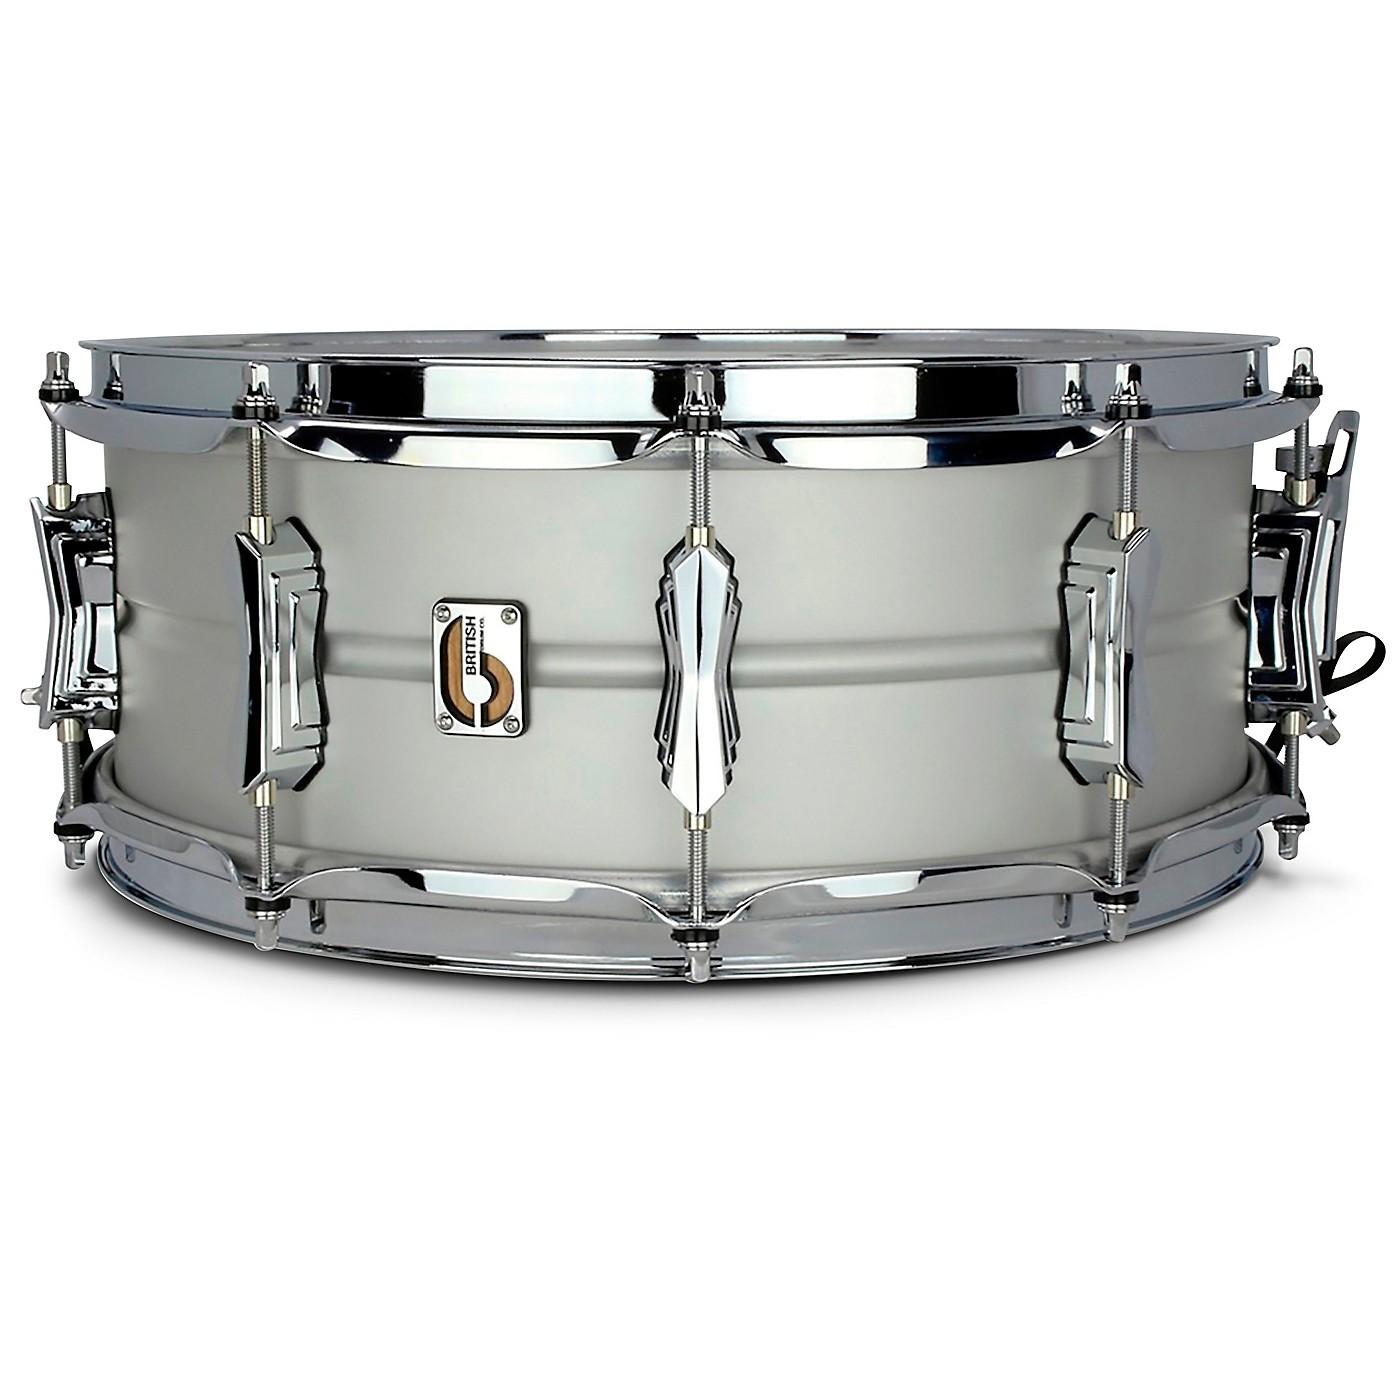 British Drum Co. The Aviator Aluminum Snare Drum thumbnail